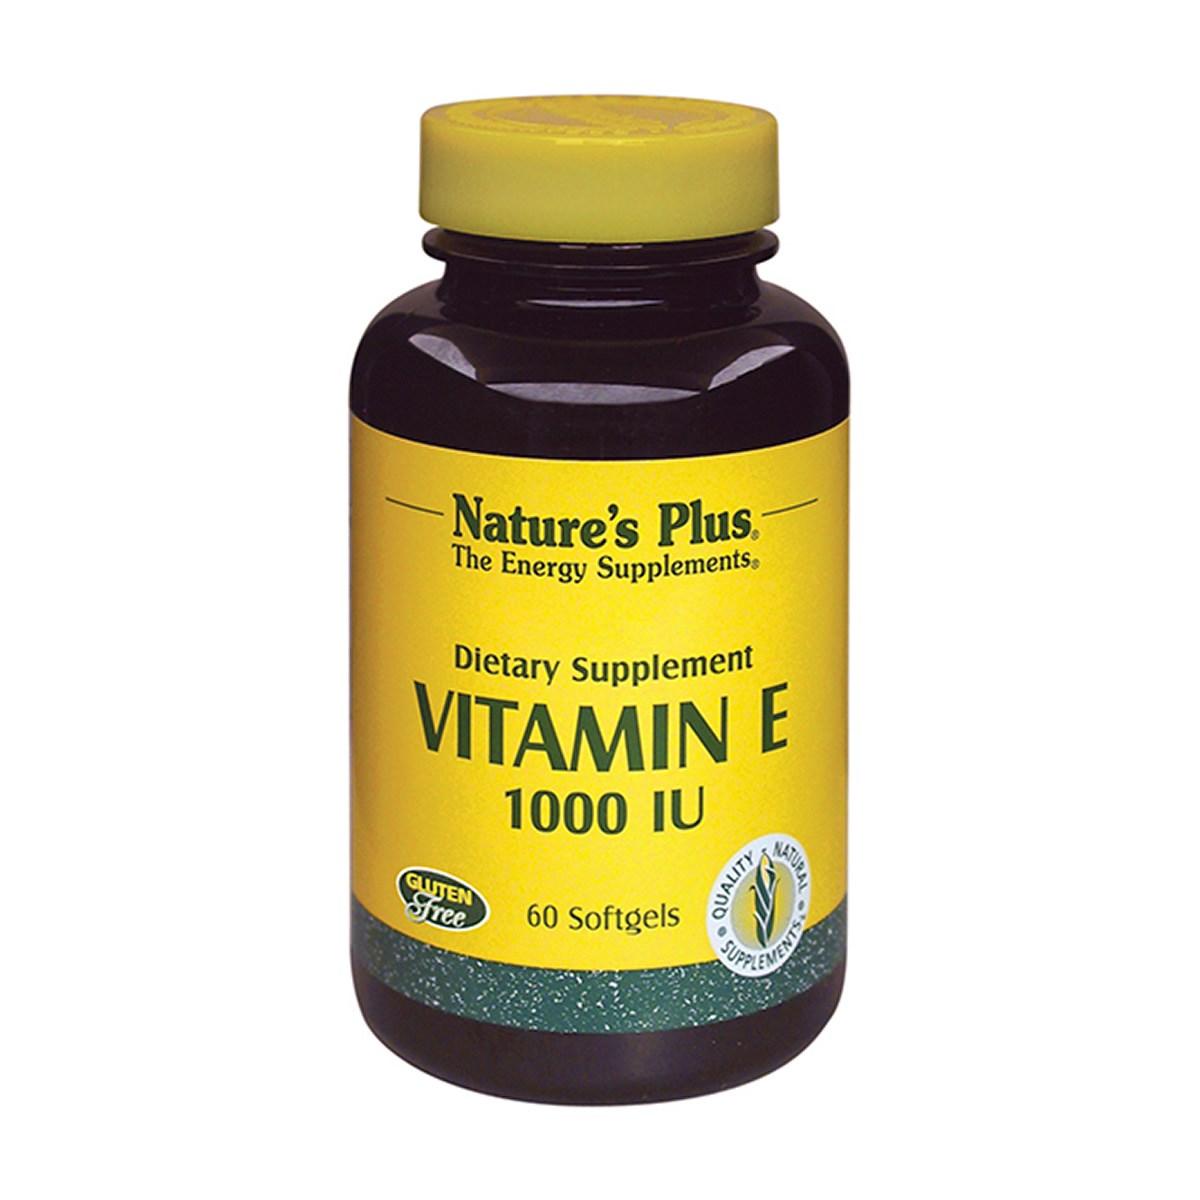 Natures Plus Vitamin E 1000 IU Softgels